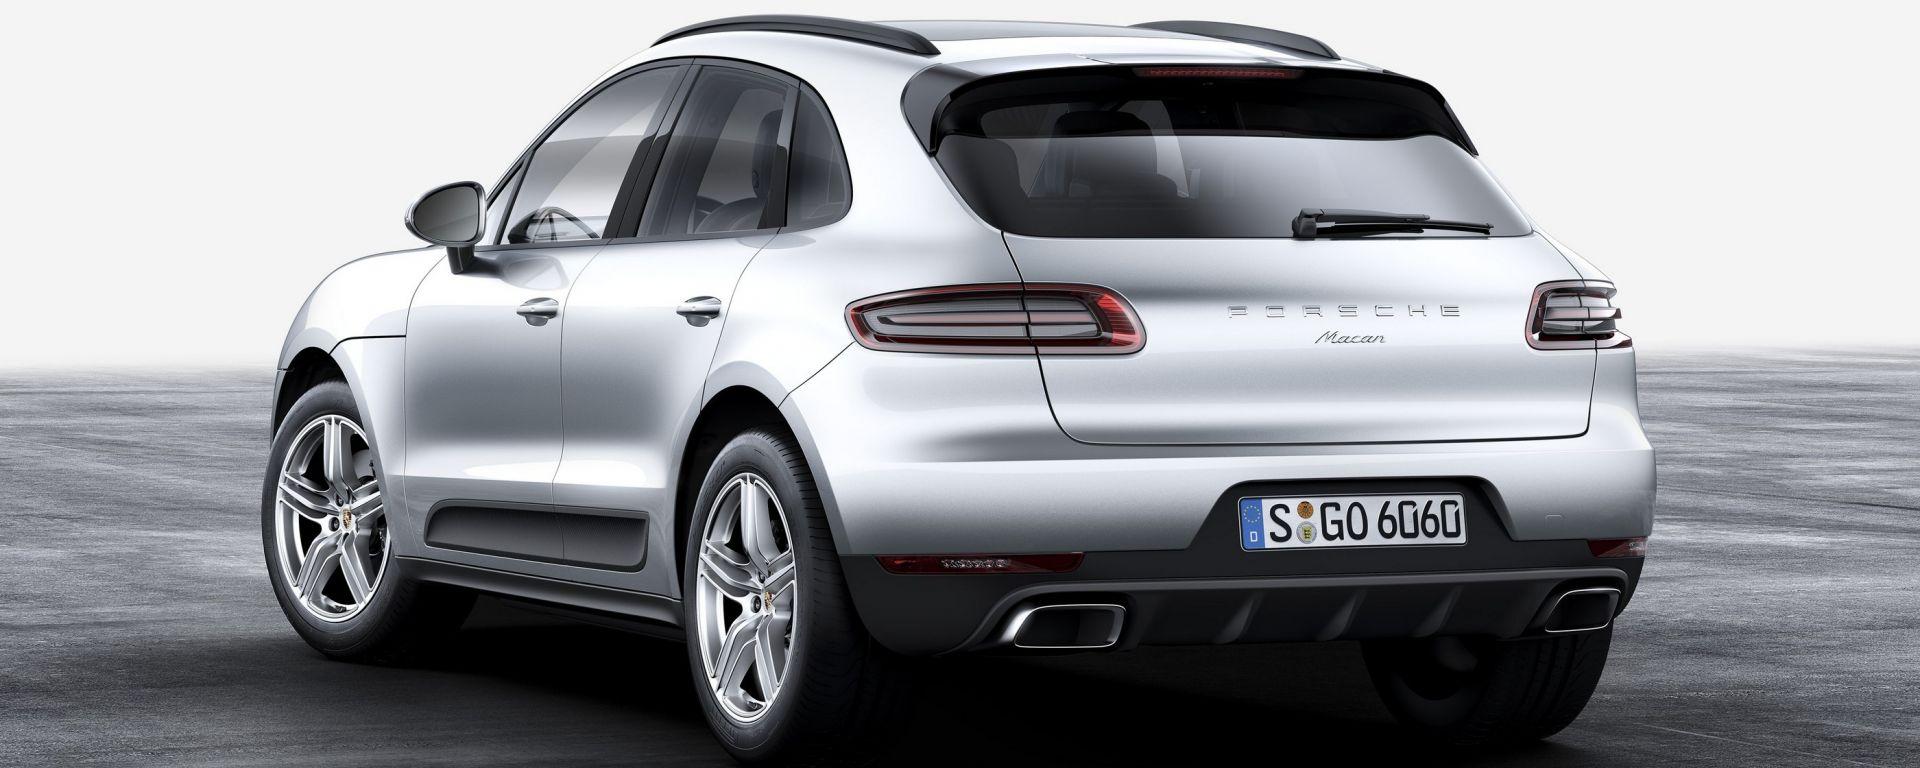 300.000 tra Porsche e Audi sono state  richiamate negli USA